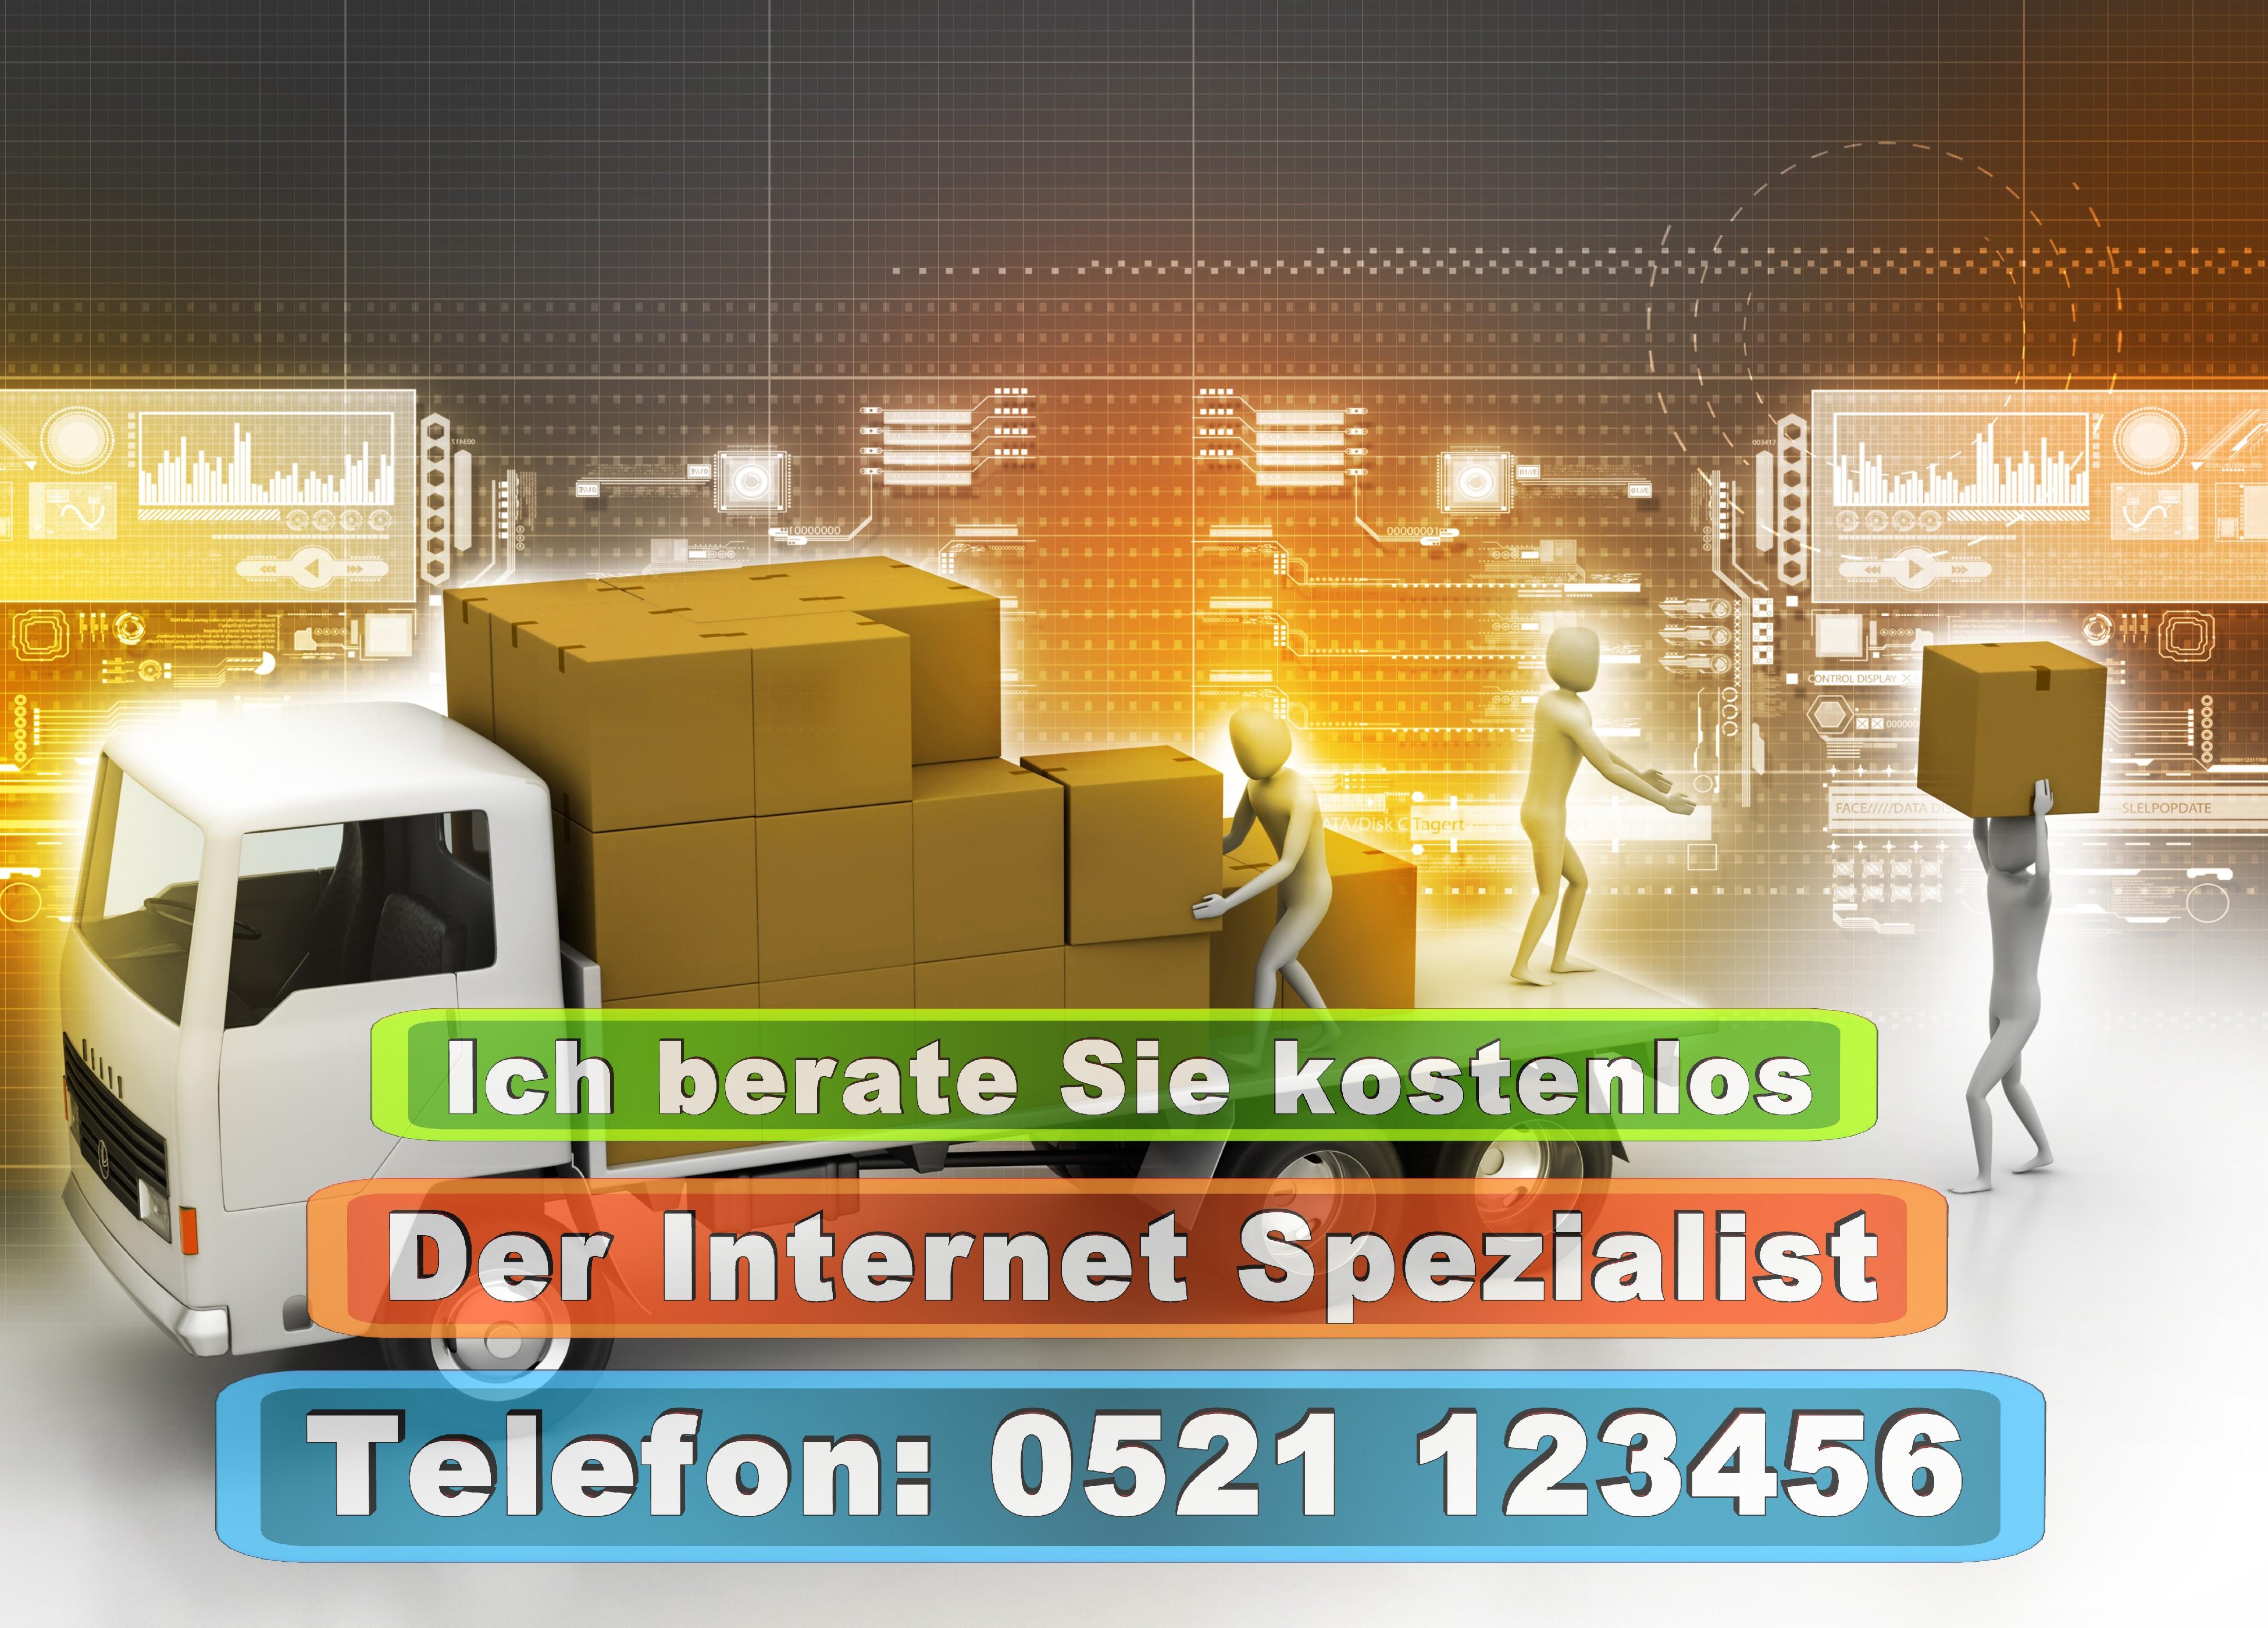 Werbeagentur Bielefeld Druckerei Bielefeld Prospekte Zeitung Visitenkarten Poster Werbung Print Presse Druck Fotografie Fotos Internet (66)